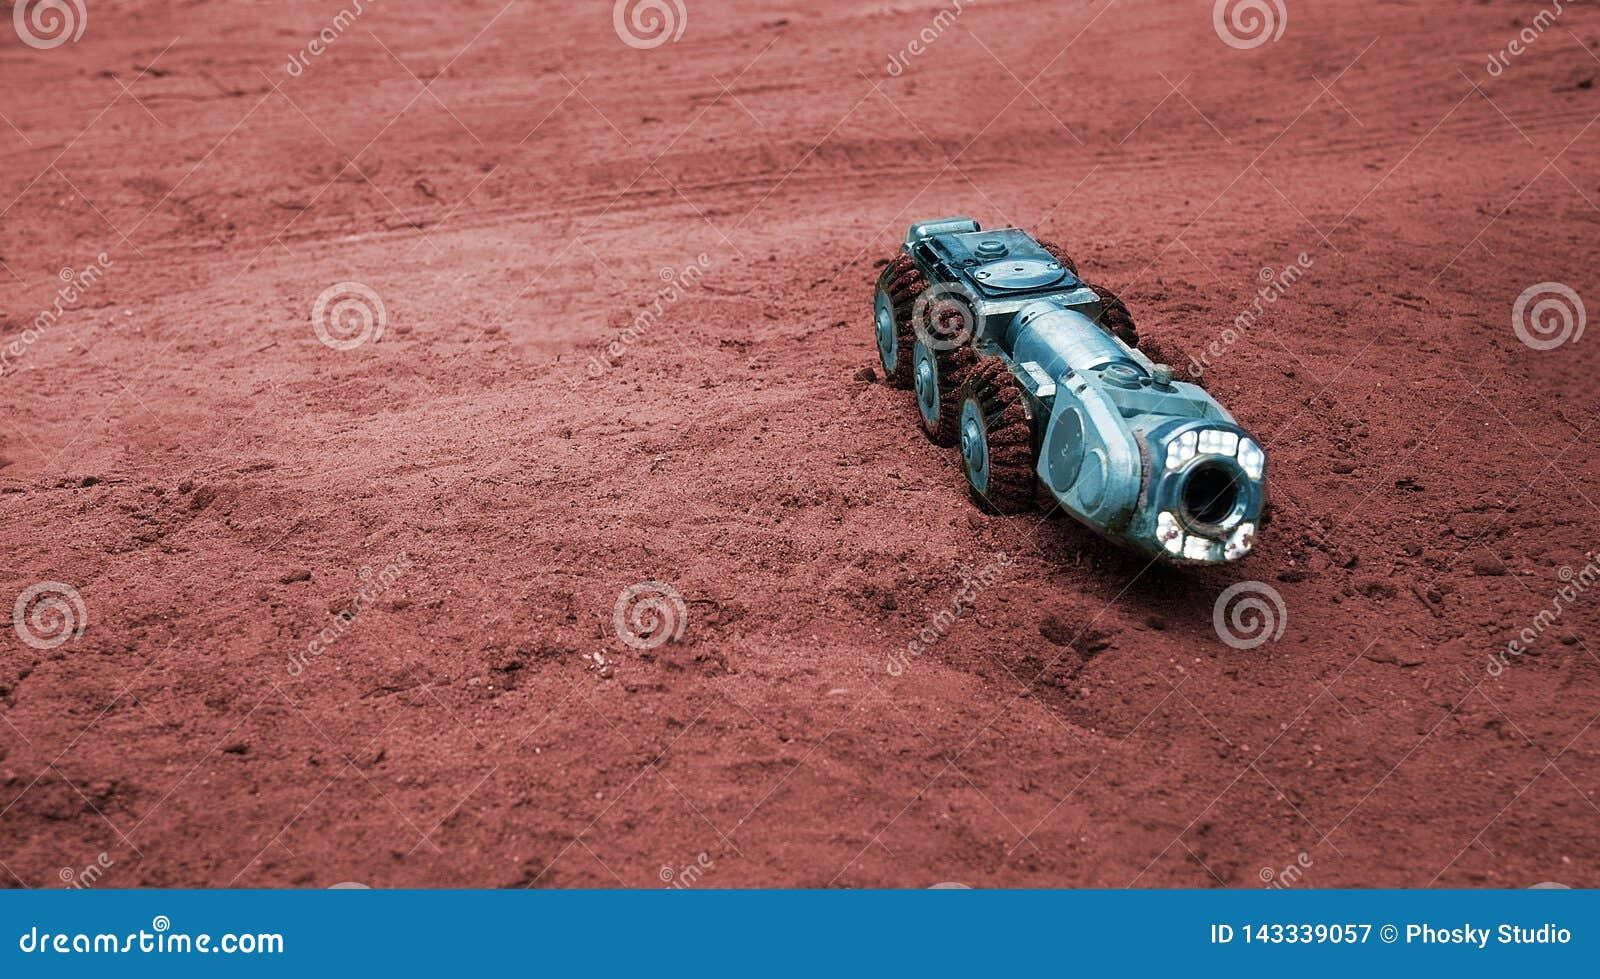 Μια πραγματική sci-Fi εικόνα, μια μηχανή στον Άρη